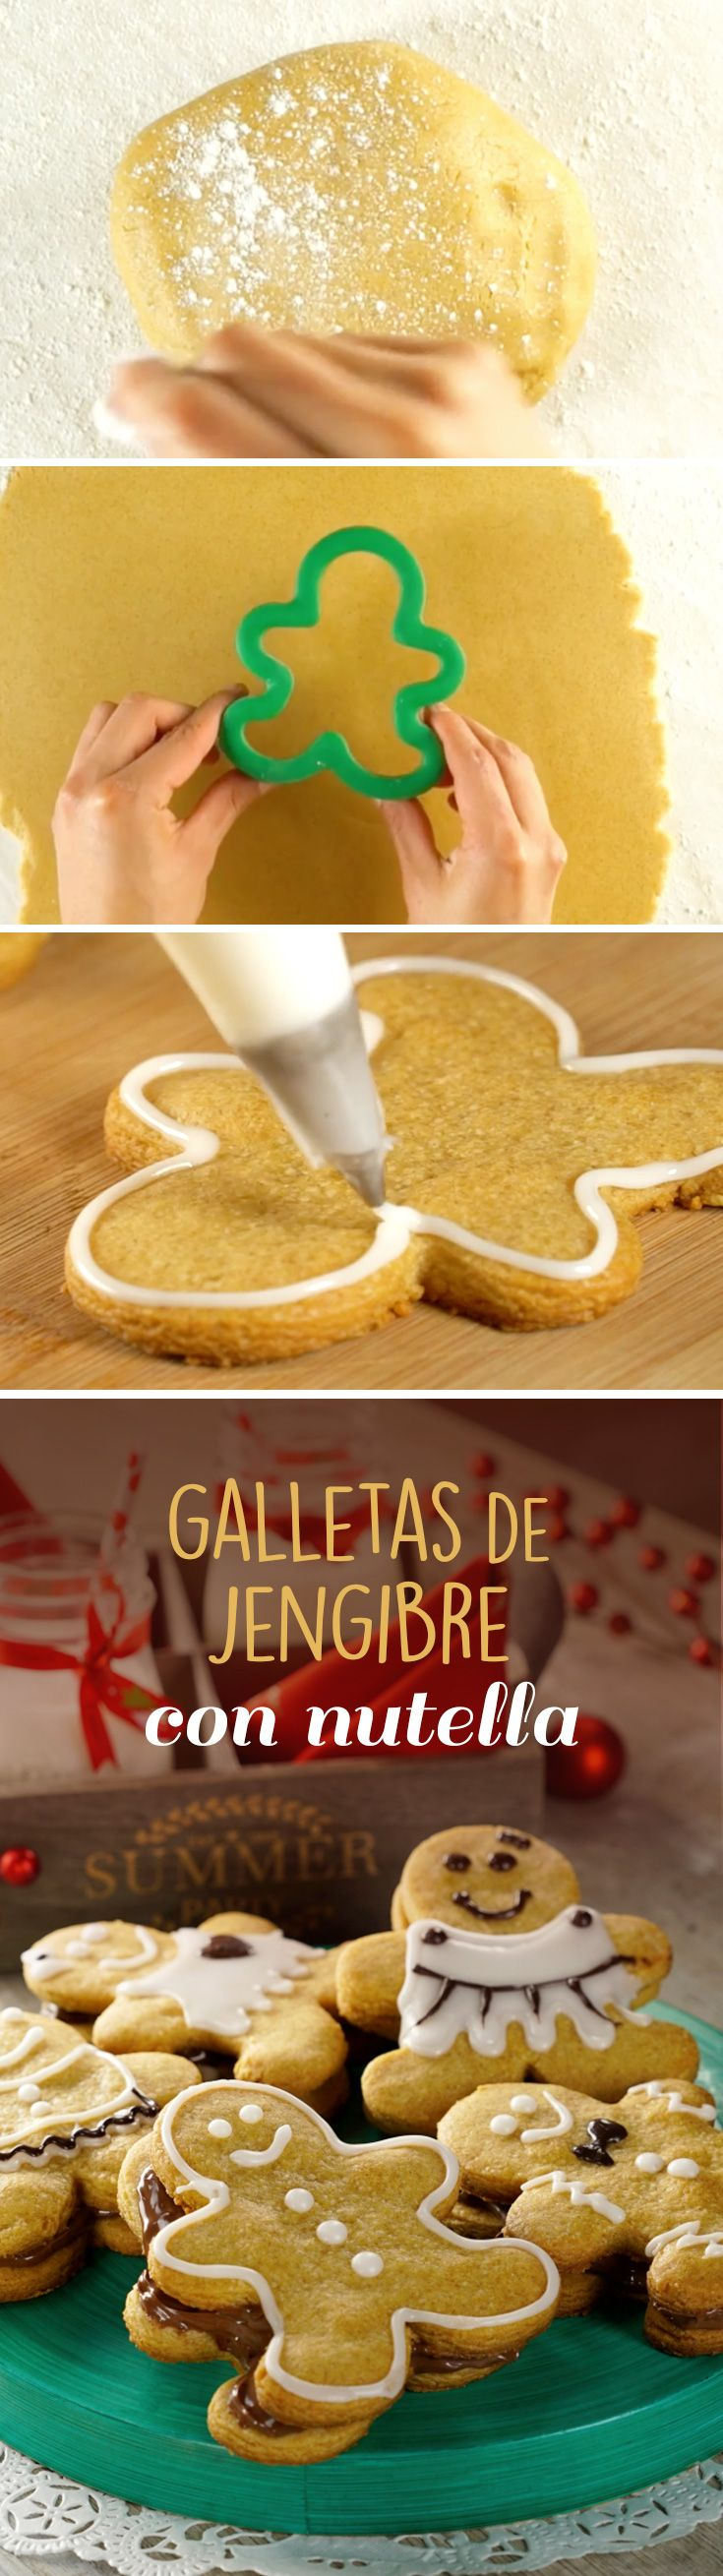 Rellena tus galletas de hombre de jengibre con Nutella para darle un toque súper rico en Navidad